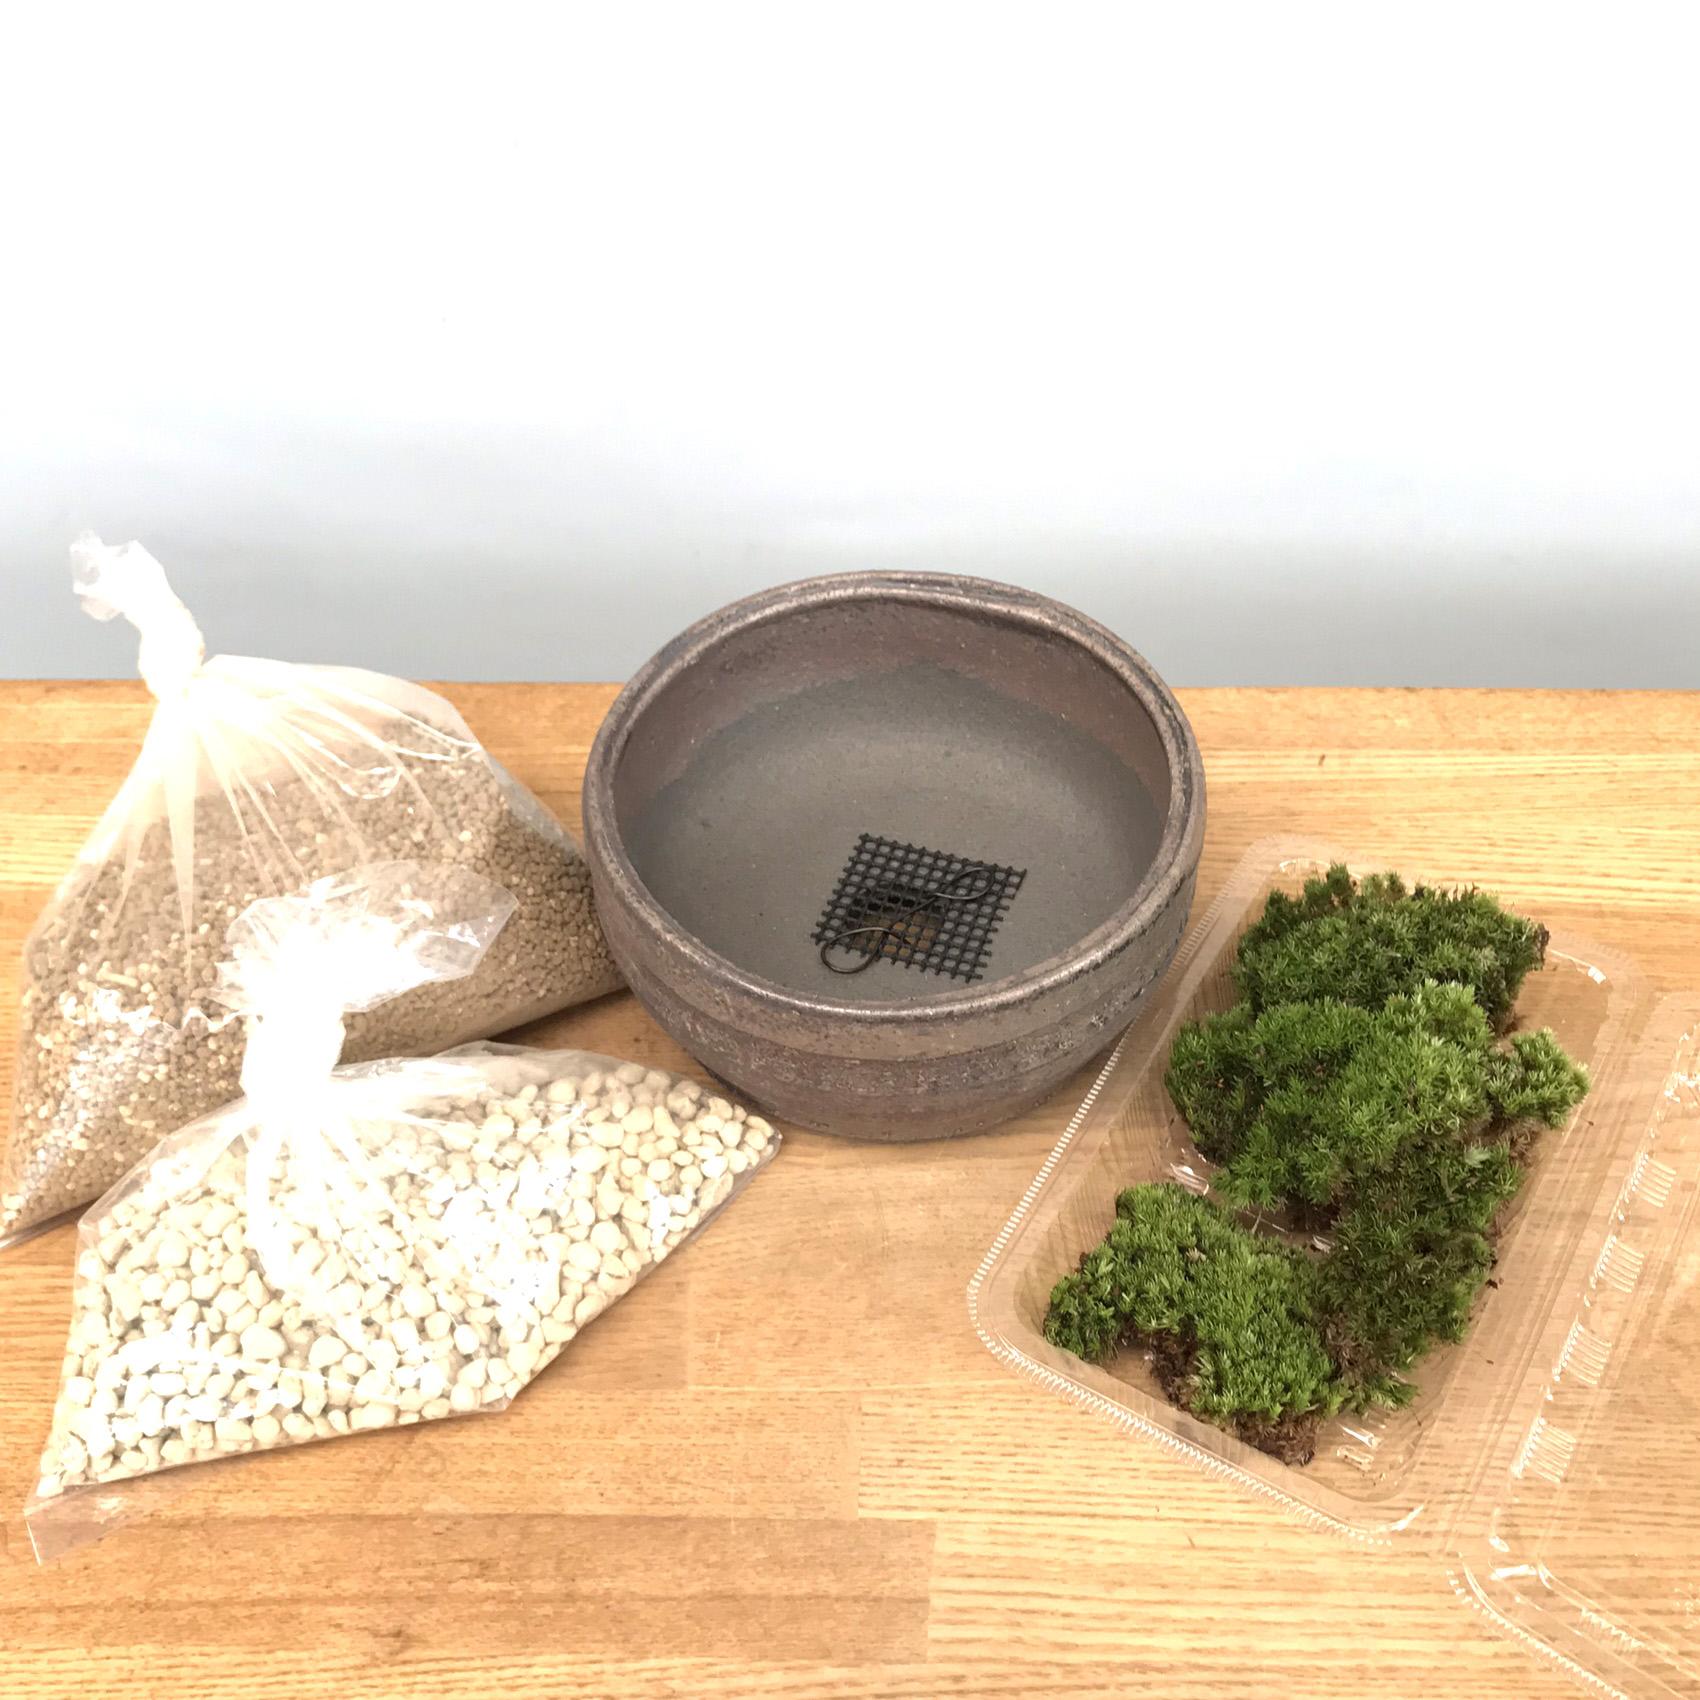 盆栽キット信楽焼灰鉢15